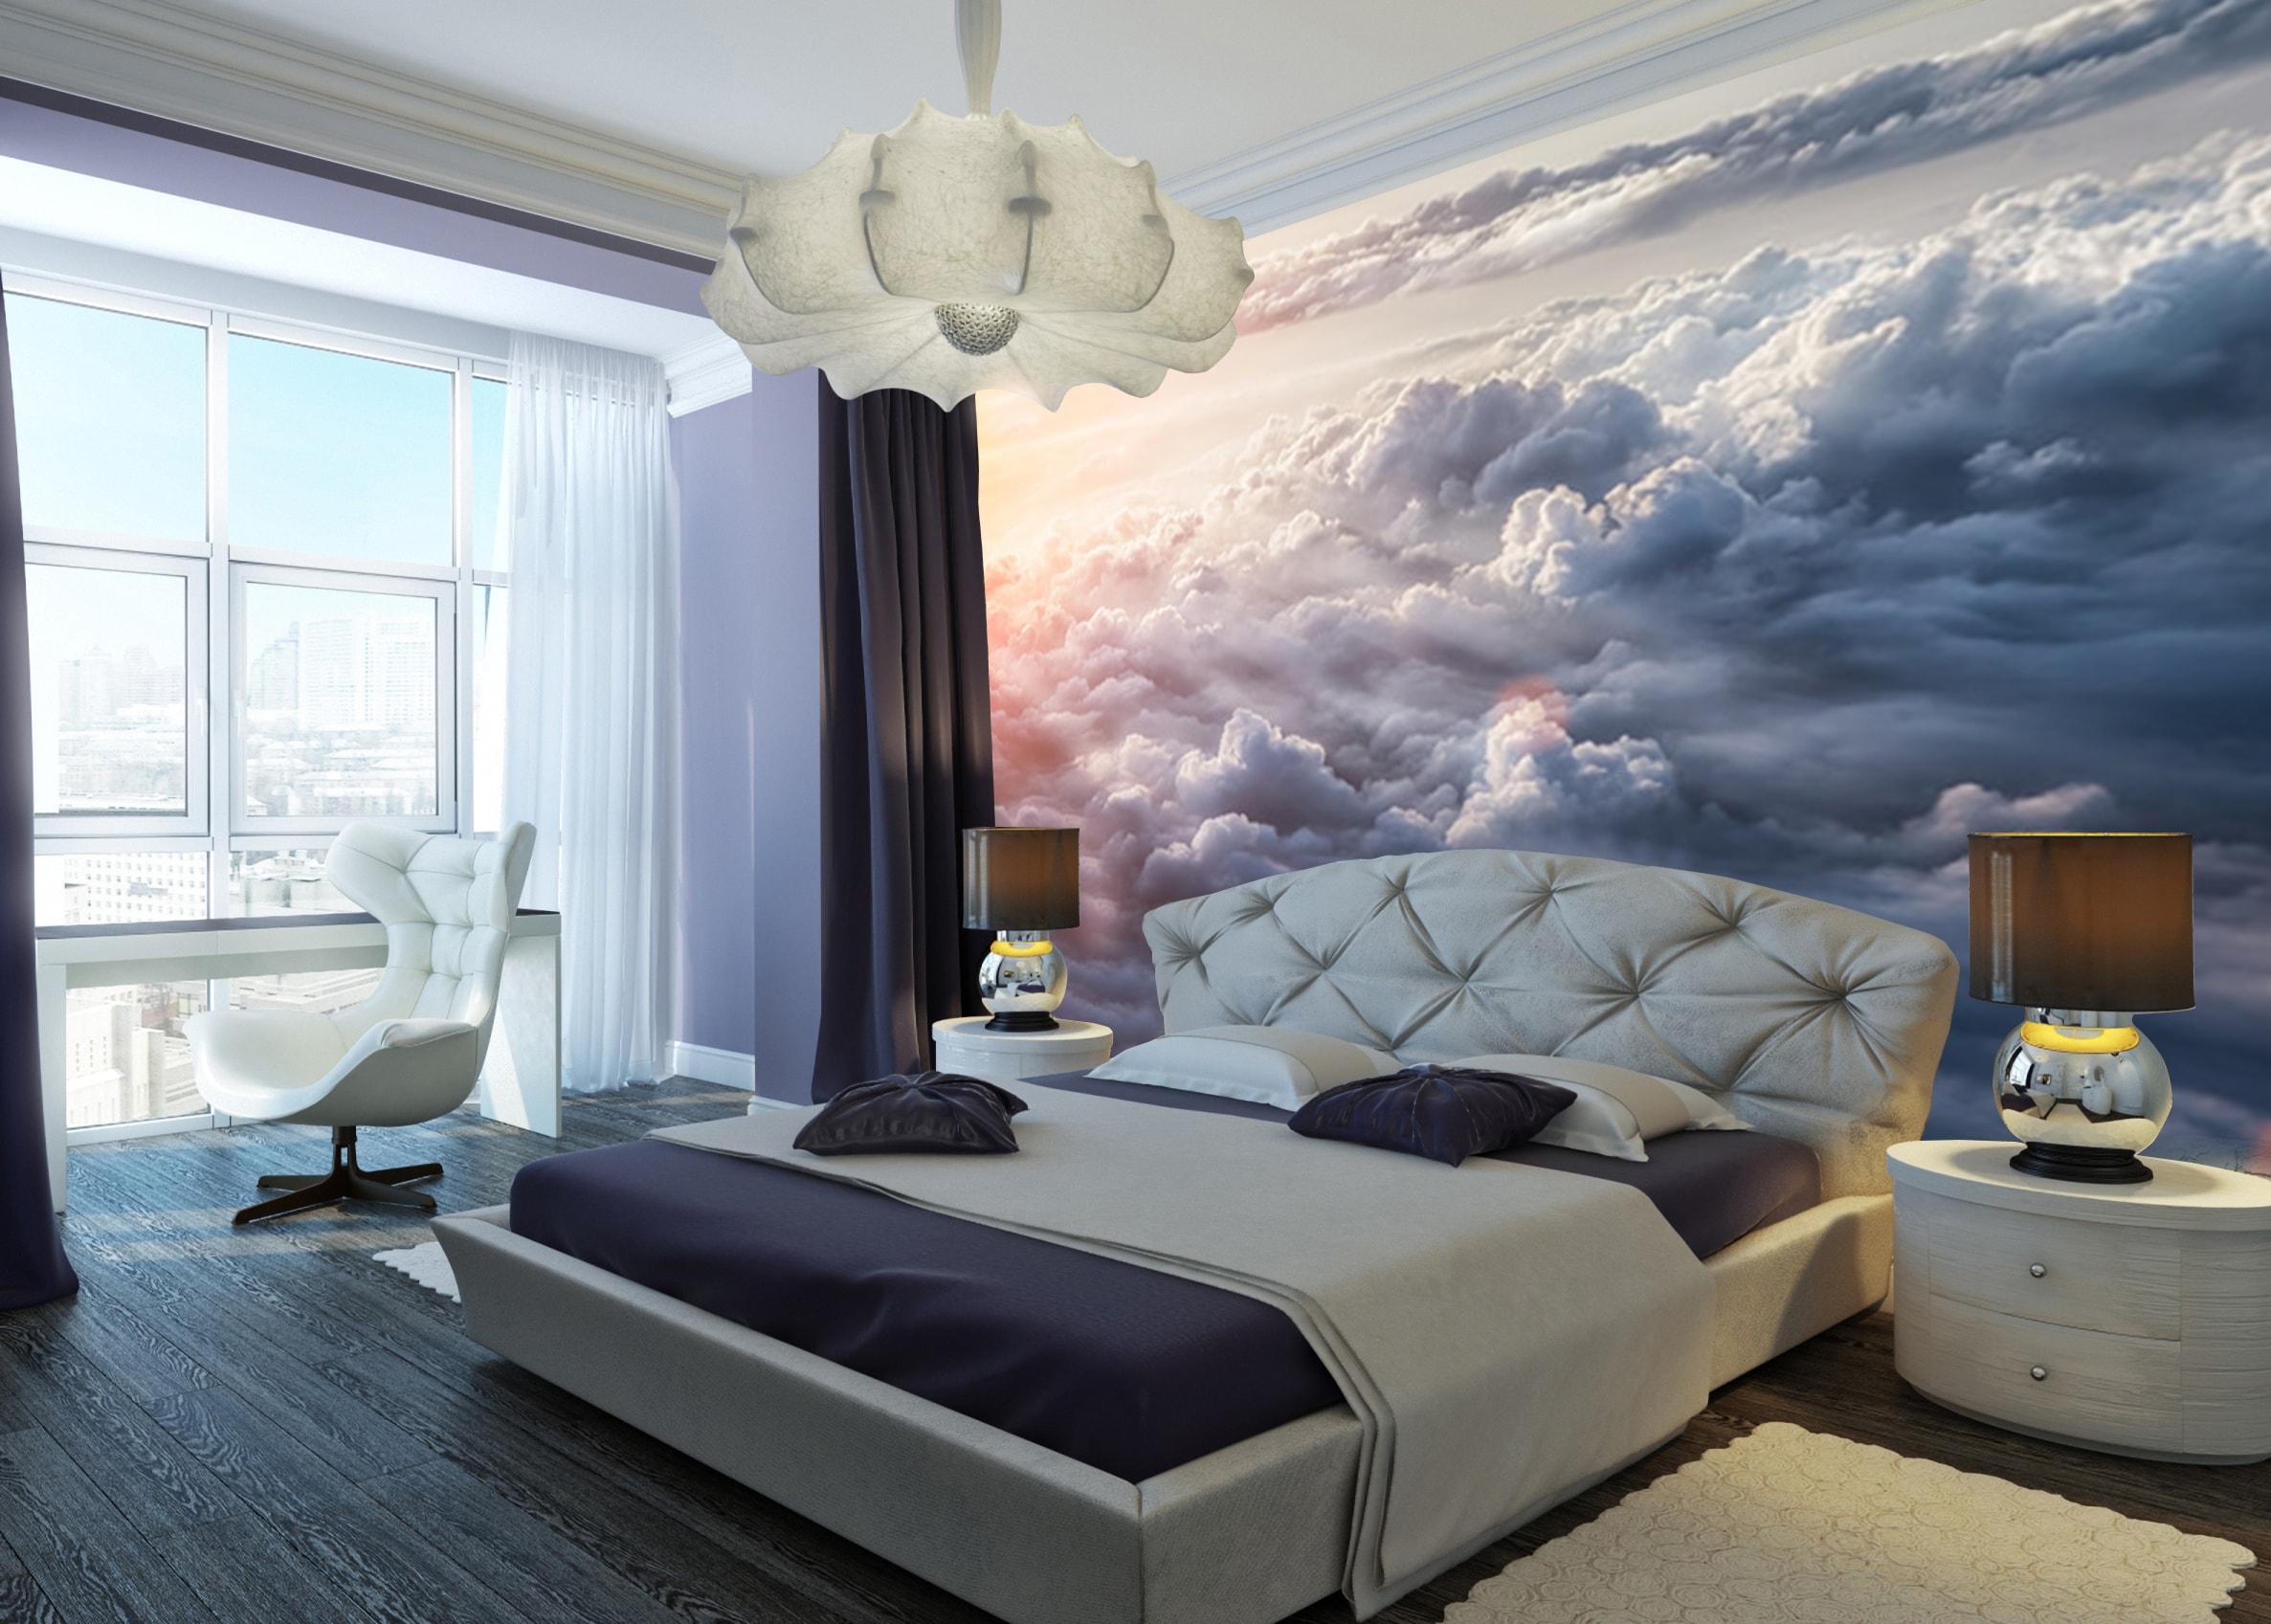 fototapety do sypialni rzeszów